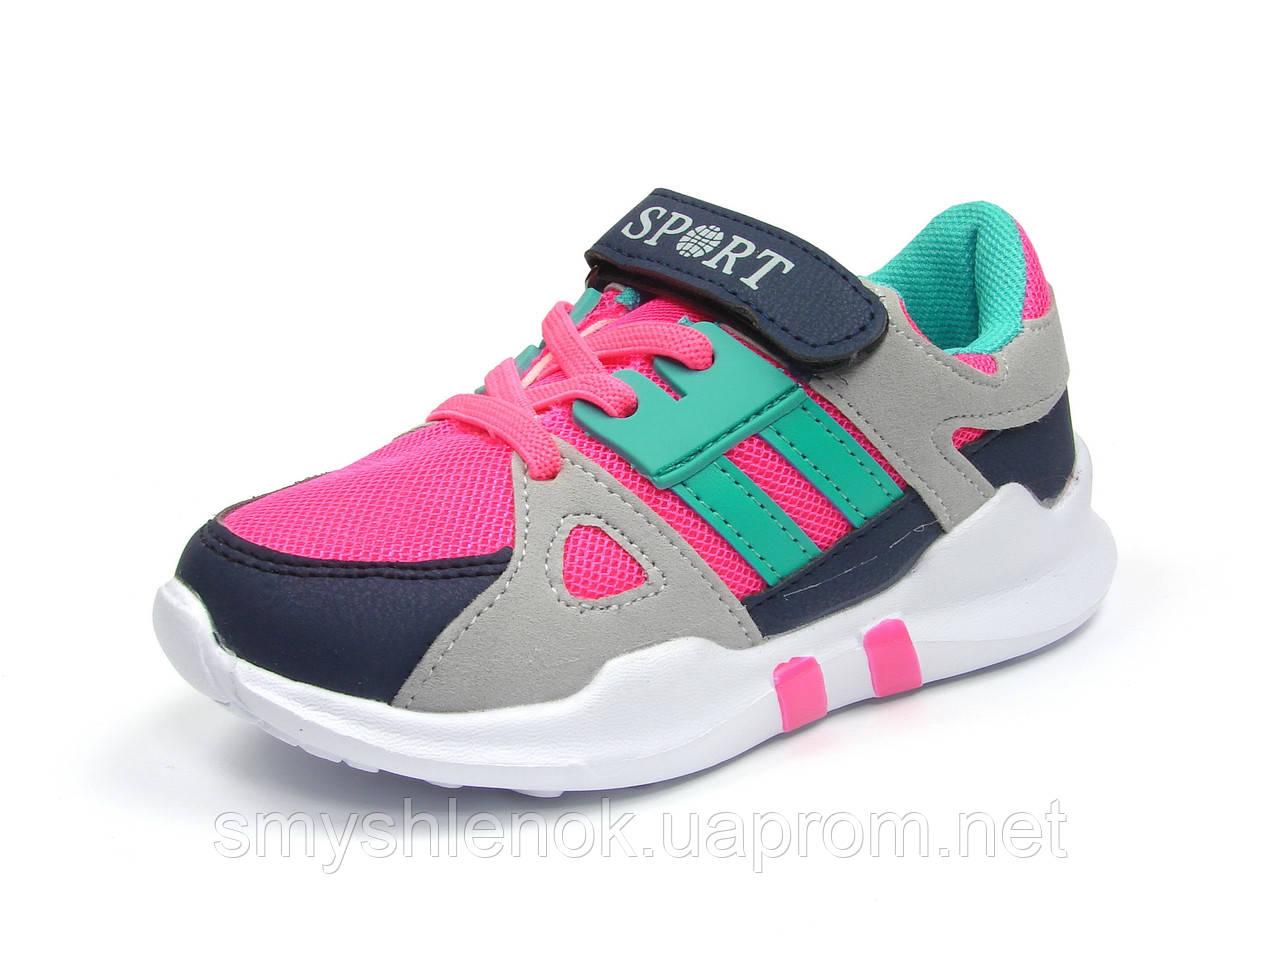 Детские кроссовки J&G для девочки